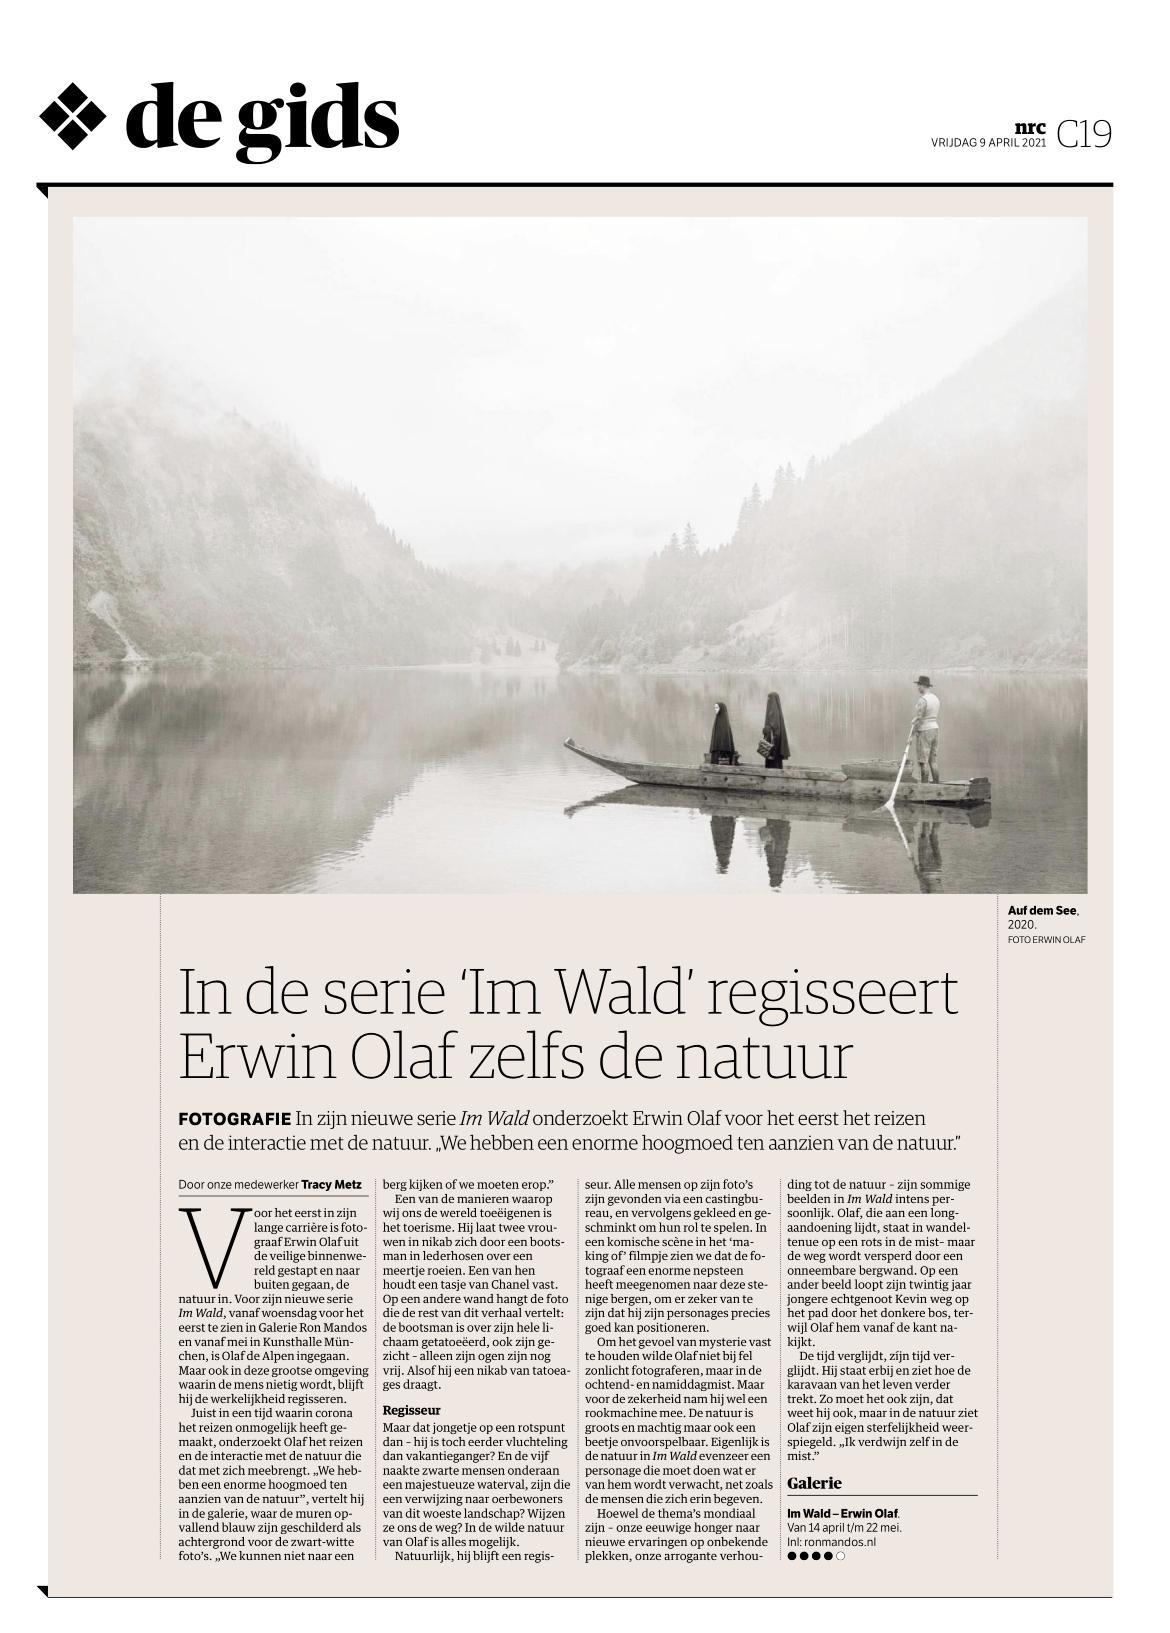 NRC: In de serie 'Im Wald' regisseert Erwin Olaf zelfs de natuur